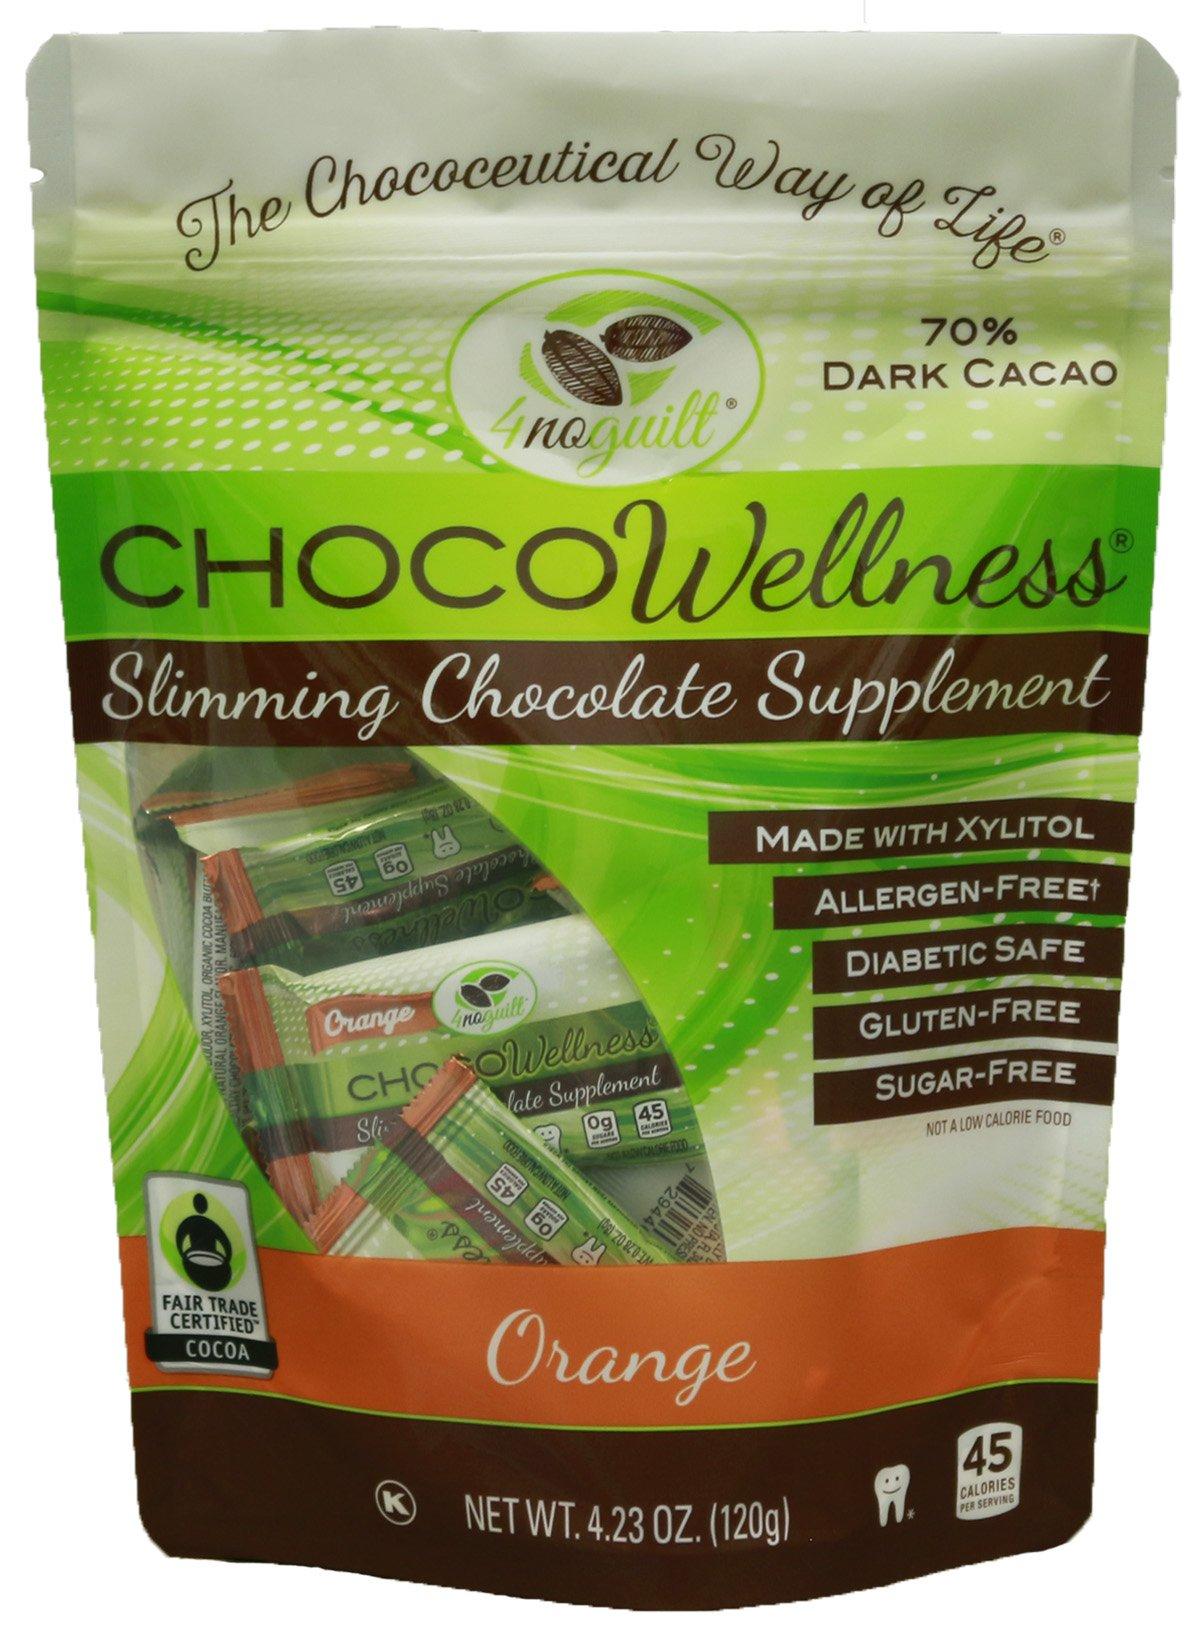 4noguilt - CHOCOWellness - 70% Sugar Free Dark Chocolate Slimming Supplement - Pack (Orange)